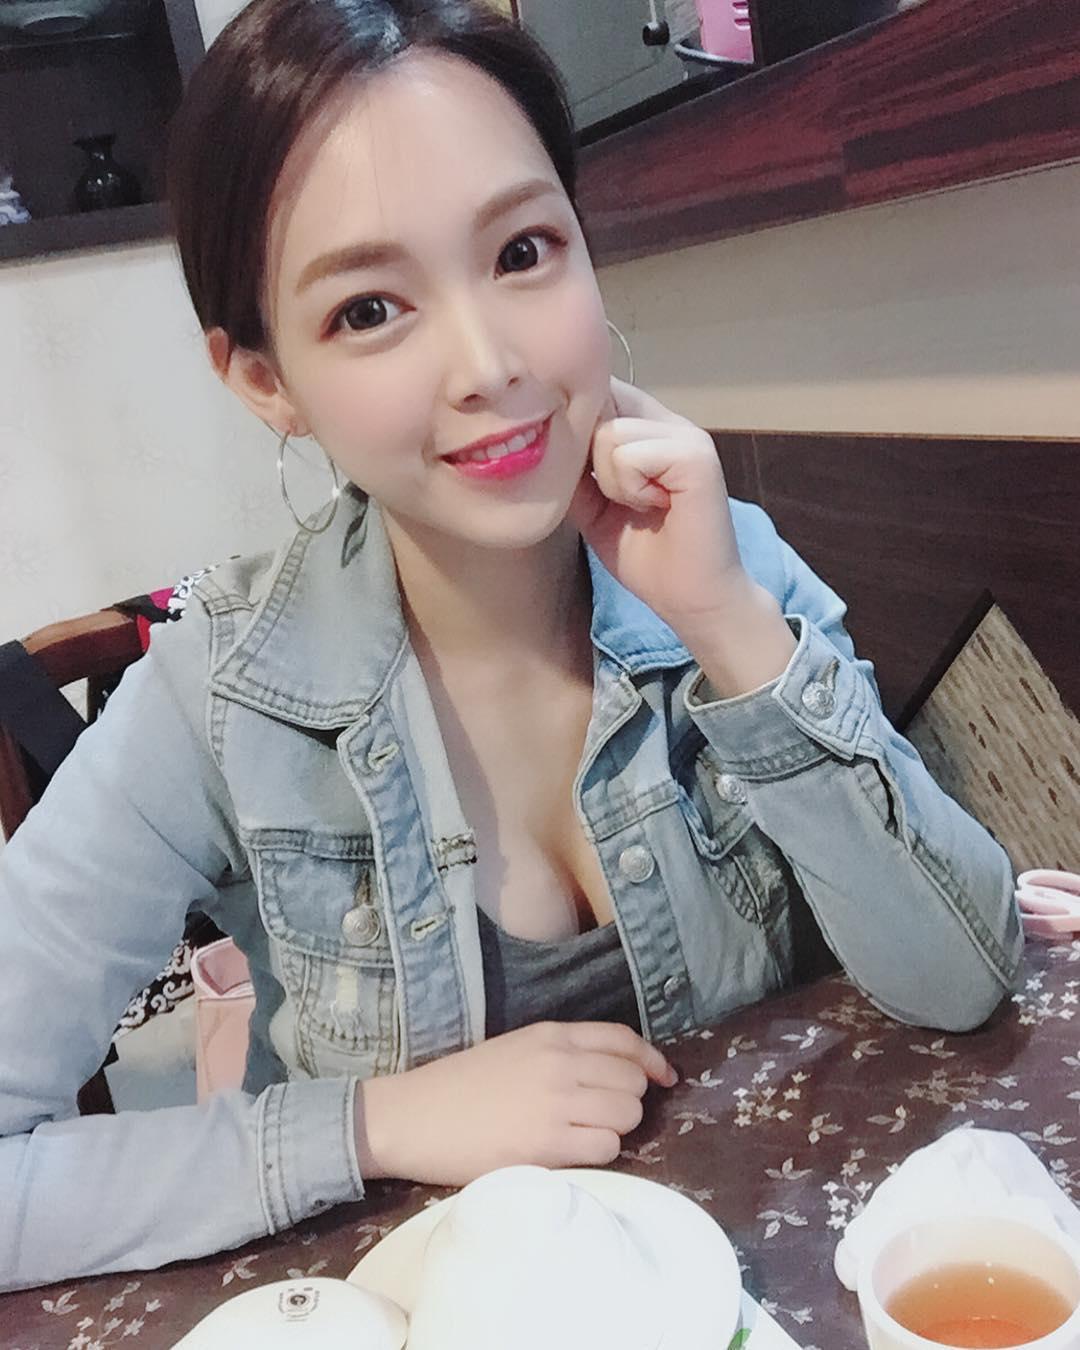 yuweno_29096007_322203234969647_5077762718199447552_n